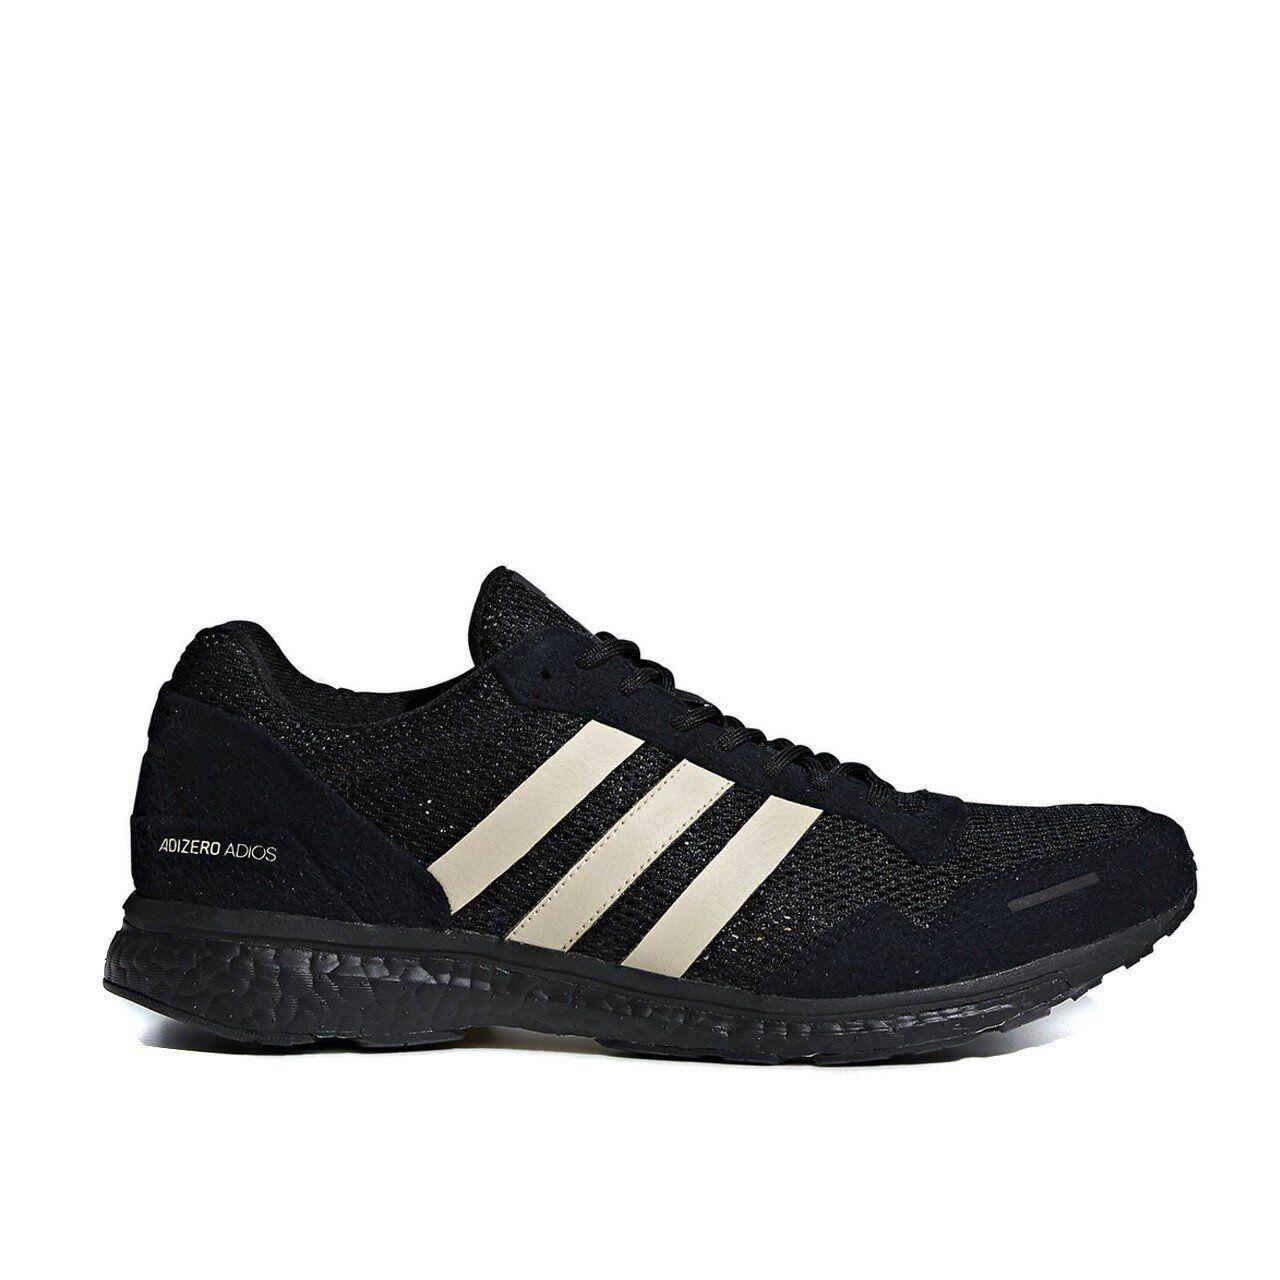 Mens Adidas AdiZero Adios 3 UNDEFEATED Black B22483